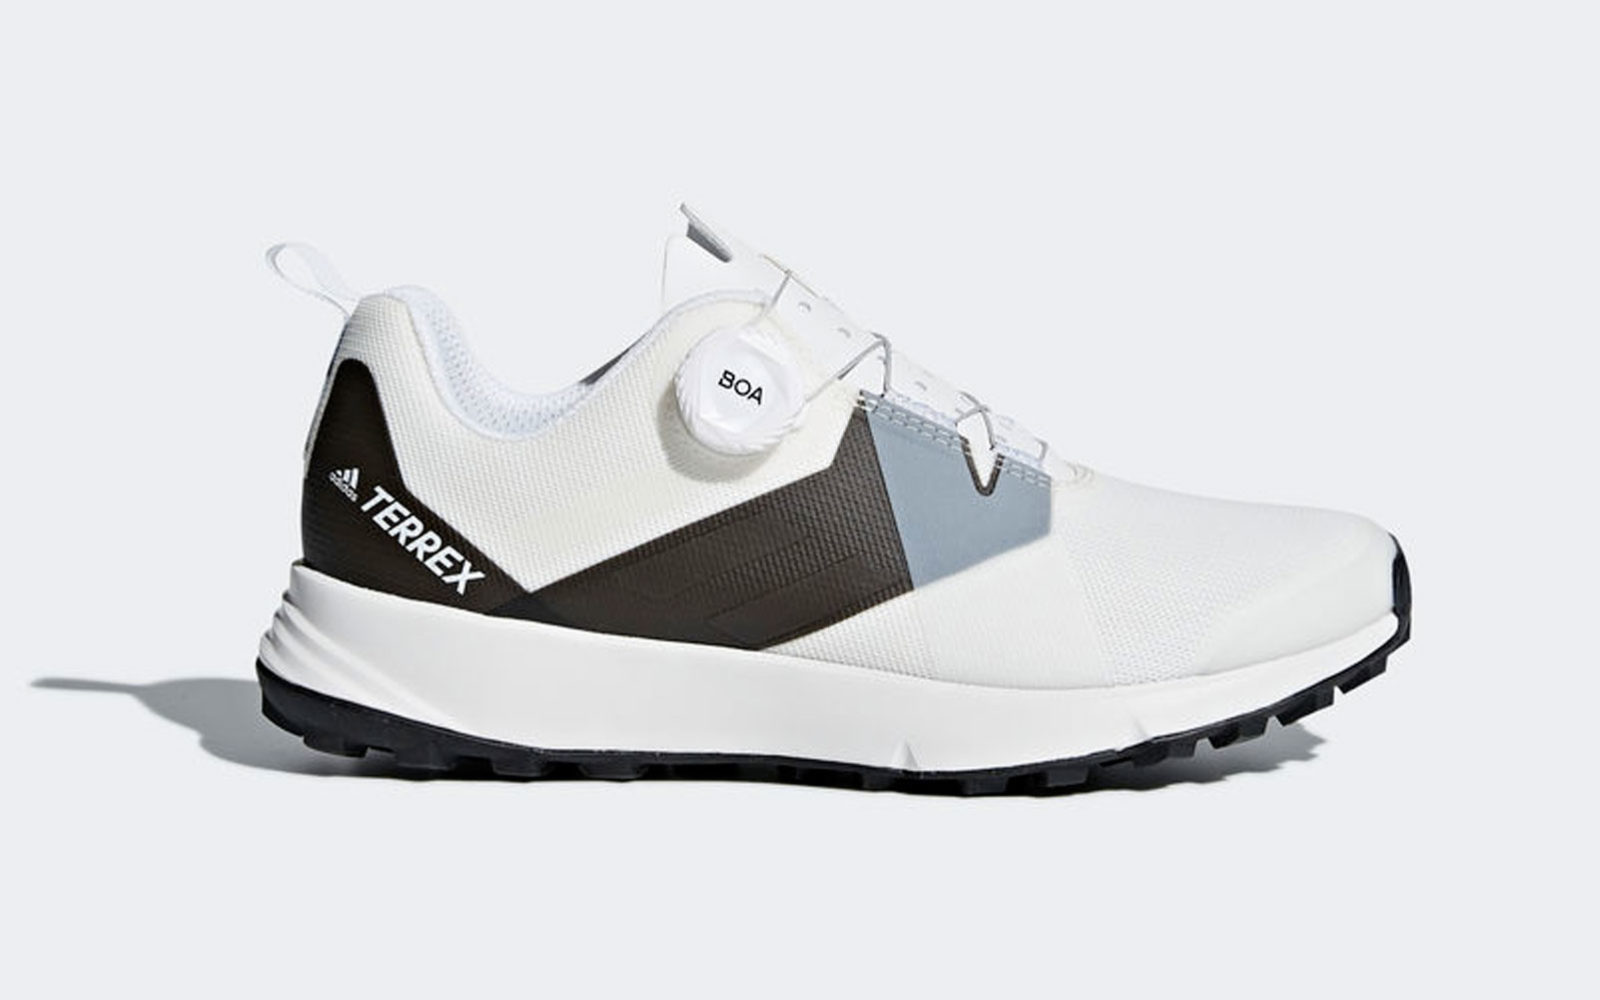 Adidas Terrex Two Boa, tomaia in mesh traspirante, suola ammortizzata e sistema di chiusura Boa, con rotella e morbidi lacci che resistono anche in ambienti bagnati e fangosi, euro 130